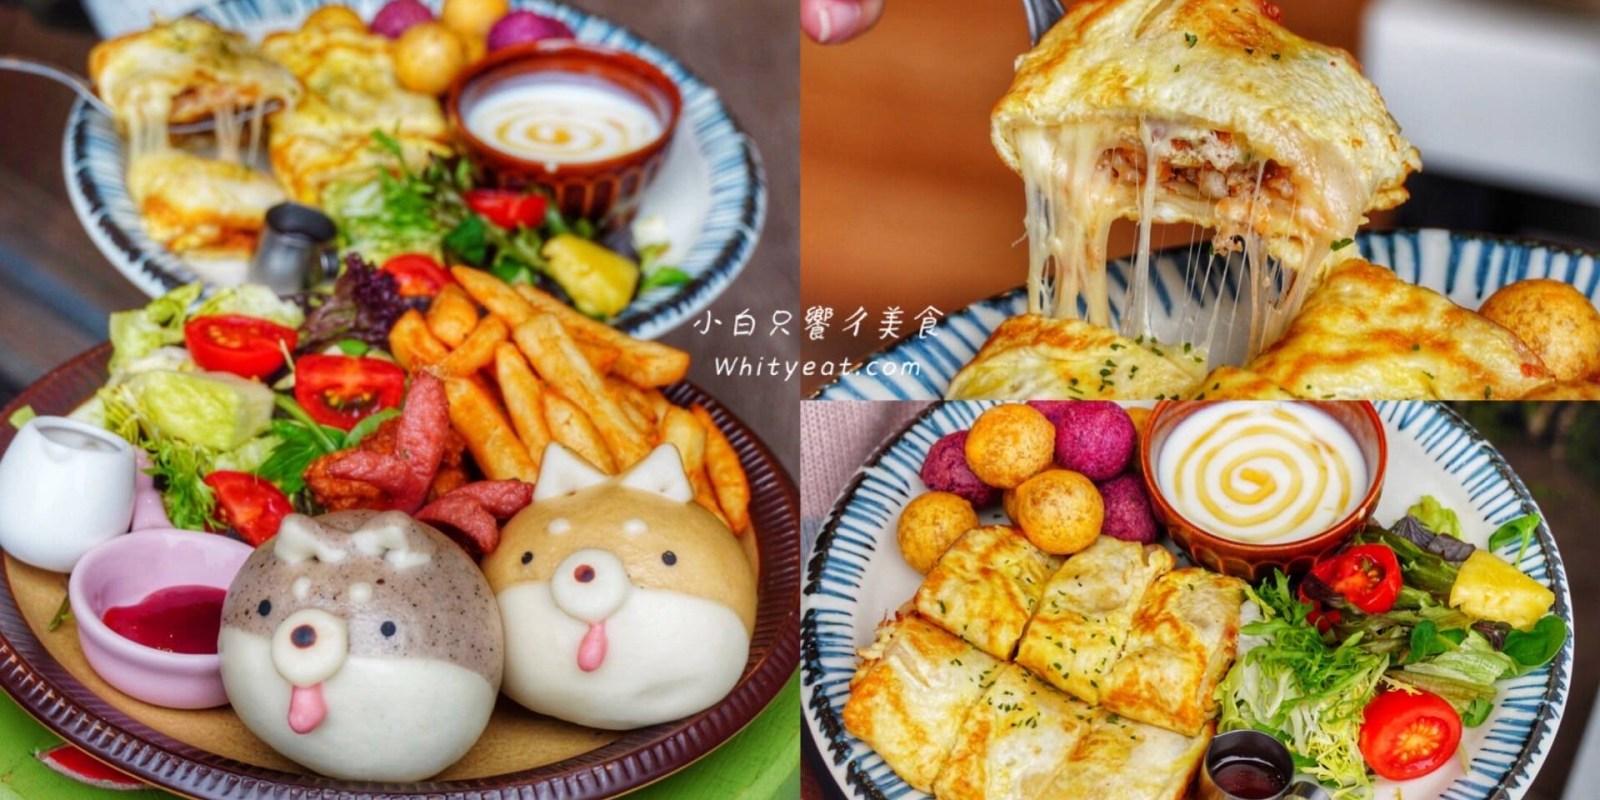 【台南美食】五妃街人氣早午餐「豆弄.手作」双色柴犬饅頭超萌!漢堡排起司蛋餅必吃 台南早午餐|台南中西區